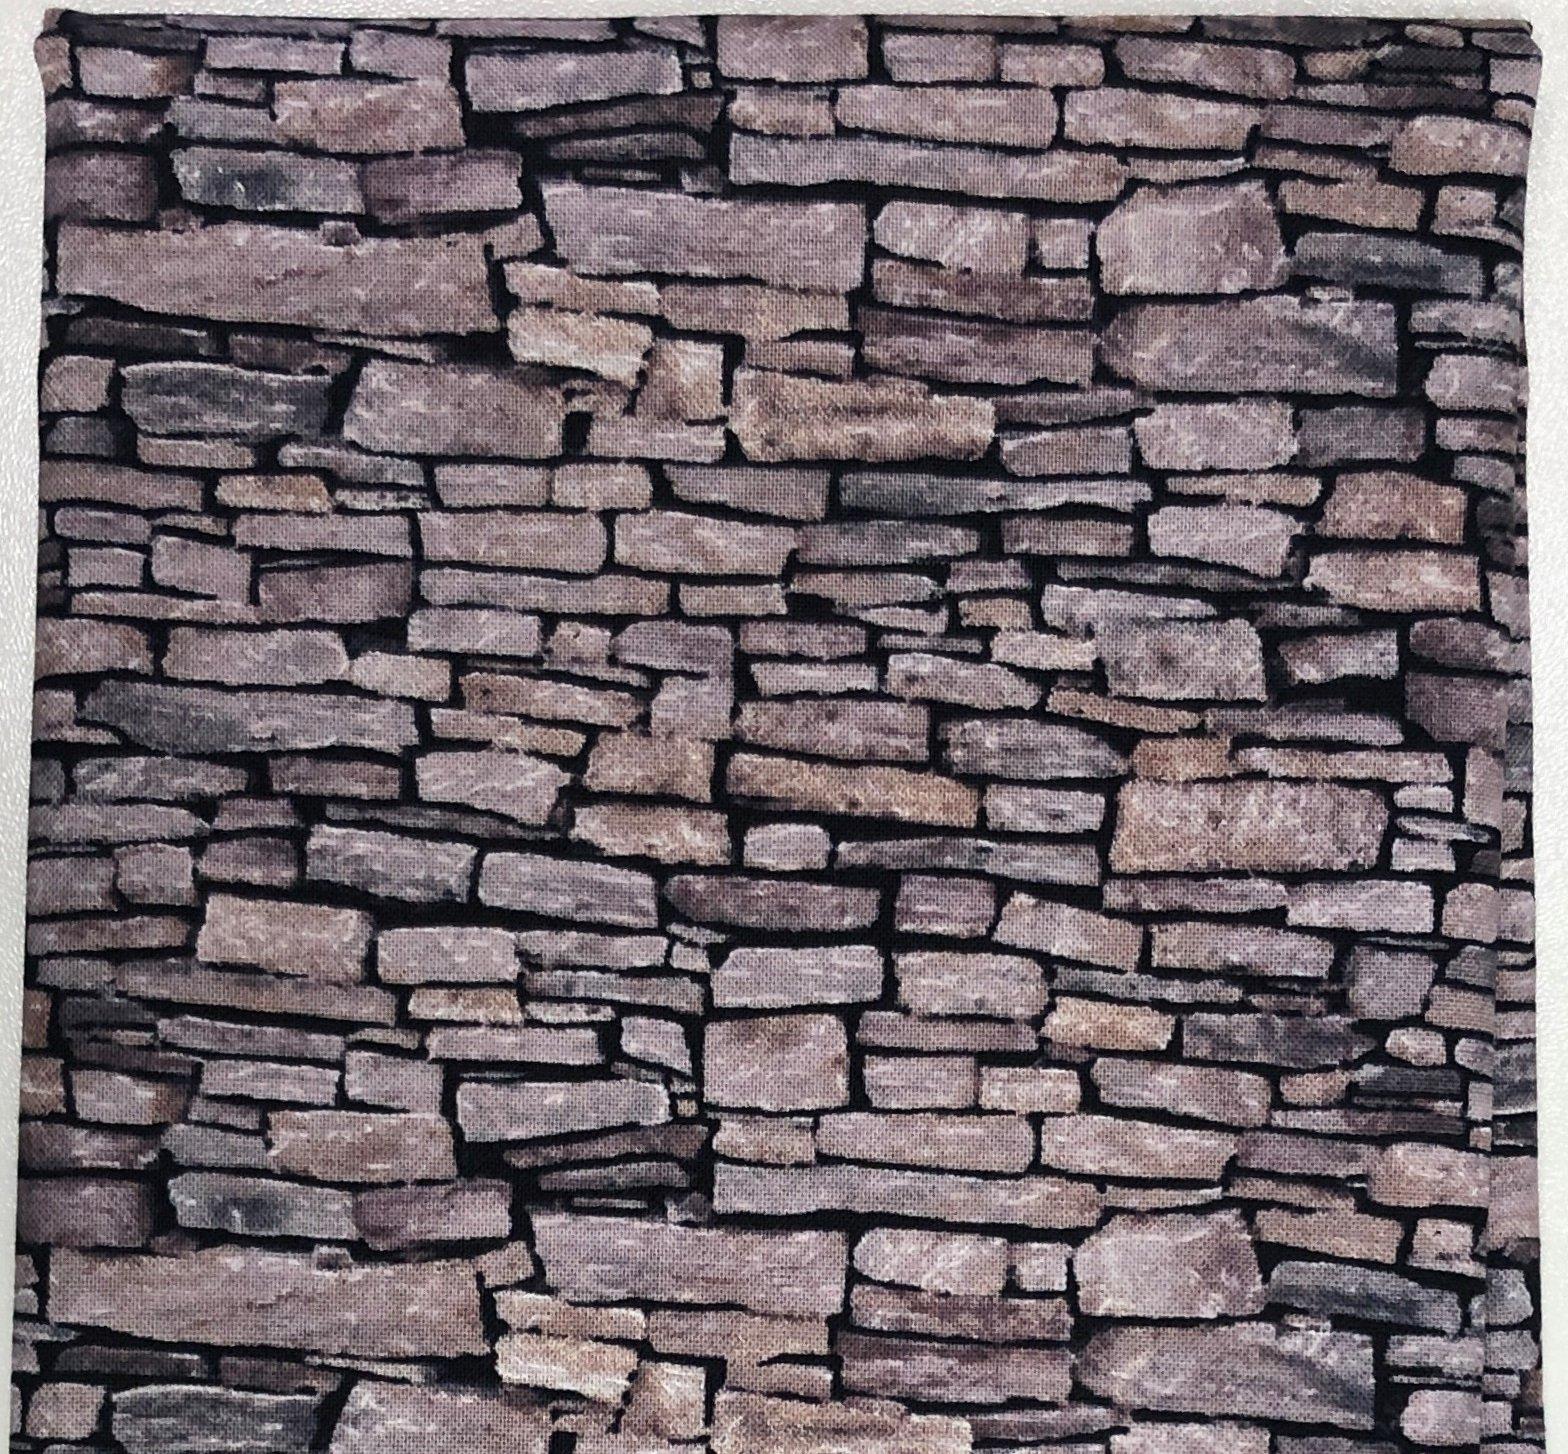 Tan Stone Wall - Fat Quarters 20x22 - FQ017